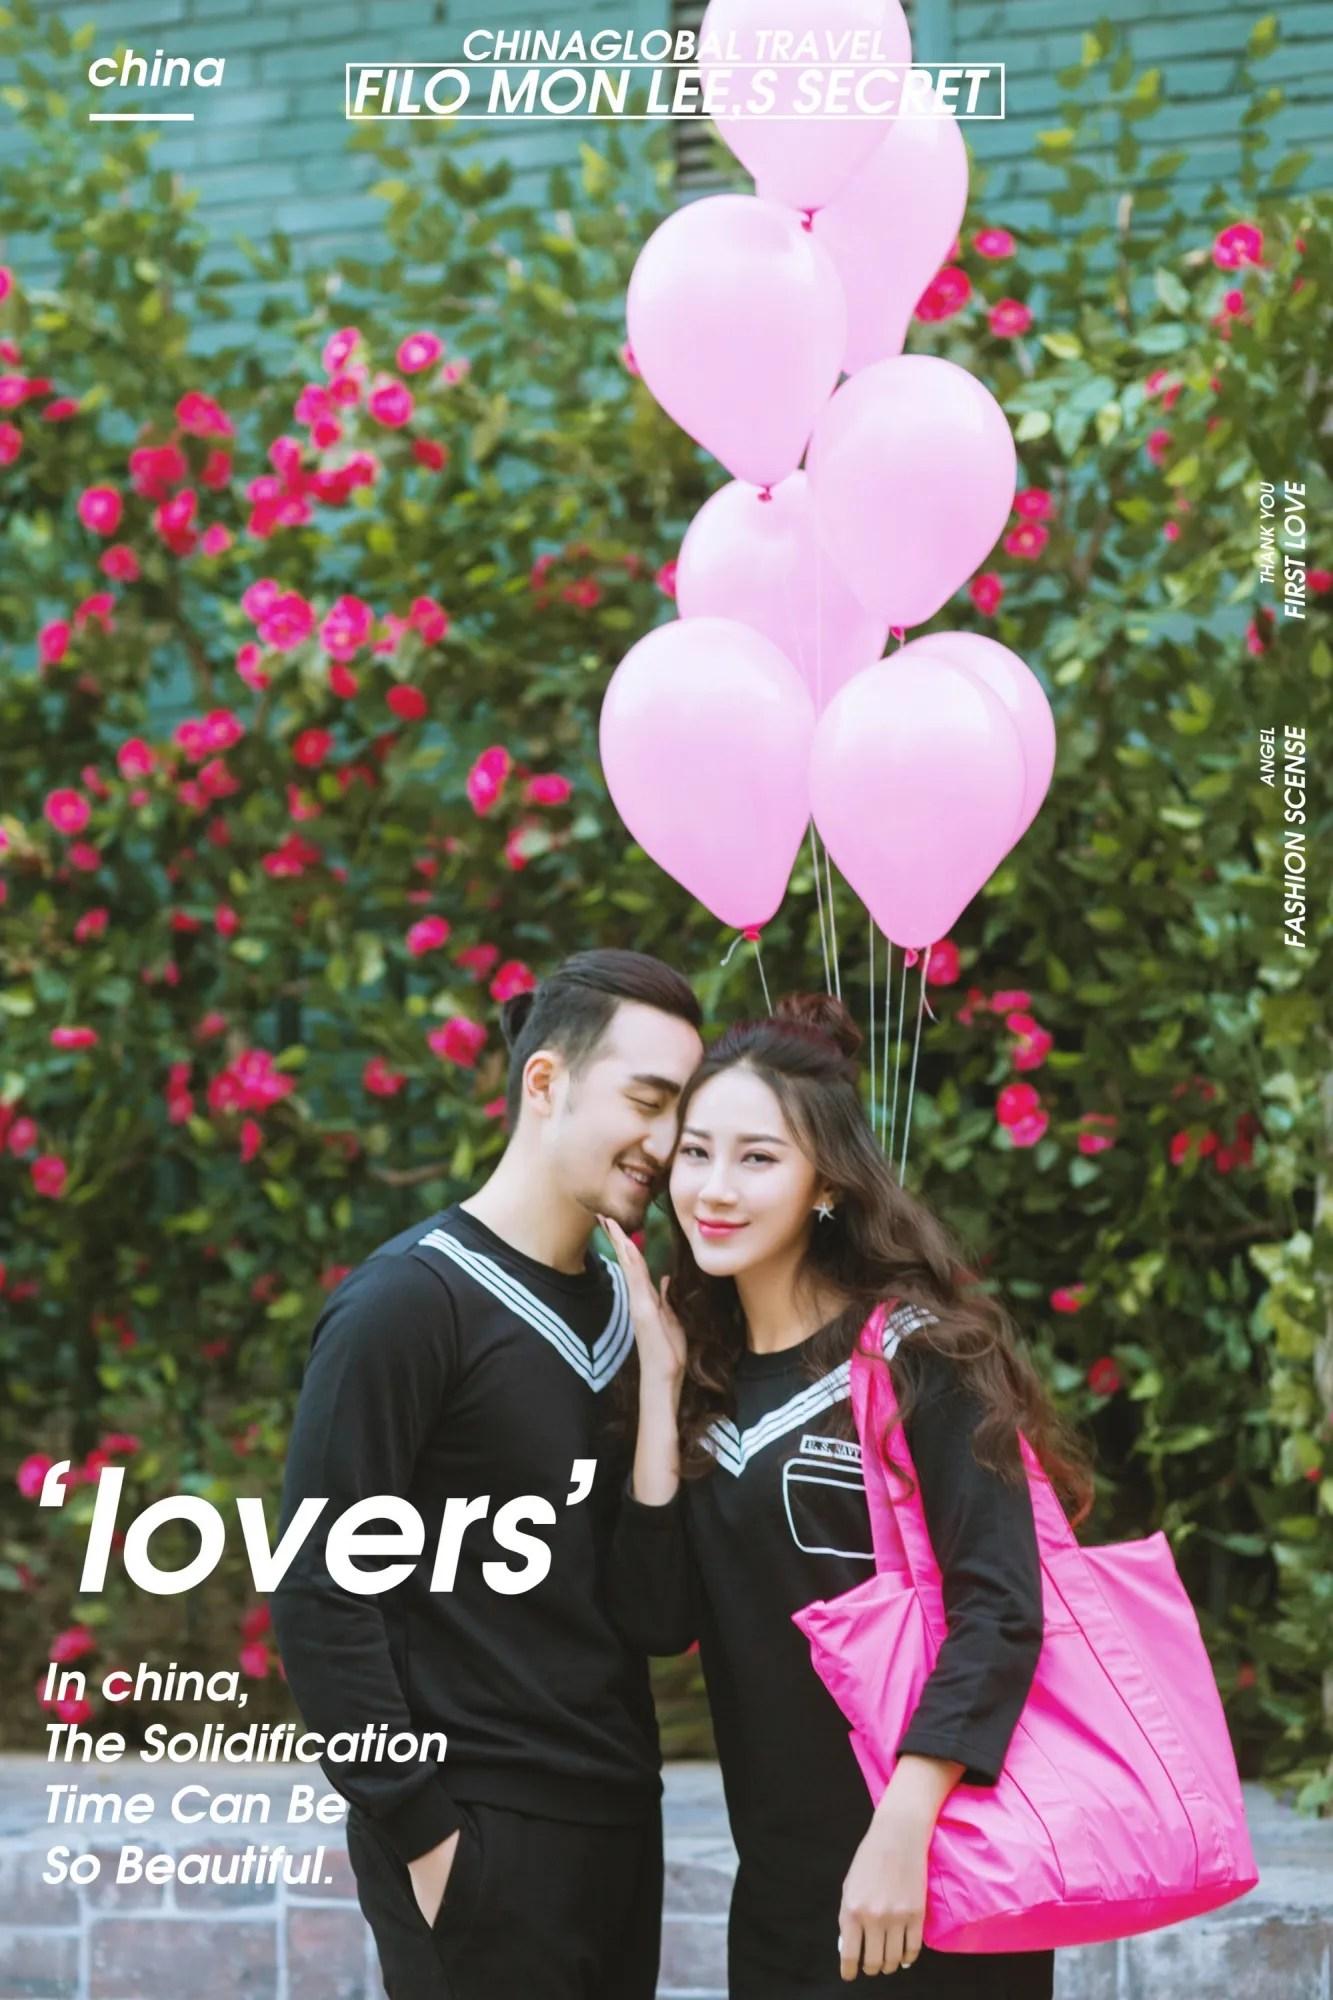 情侶寫真,情侶照,情侶婚紗,情侶攝影,婚紗照,婚紗攝影,拍婚紗,自助婚紗,攝影工作室,婚紗工作室,情侶日常